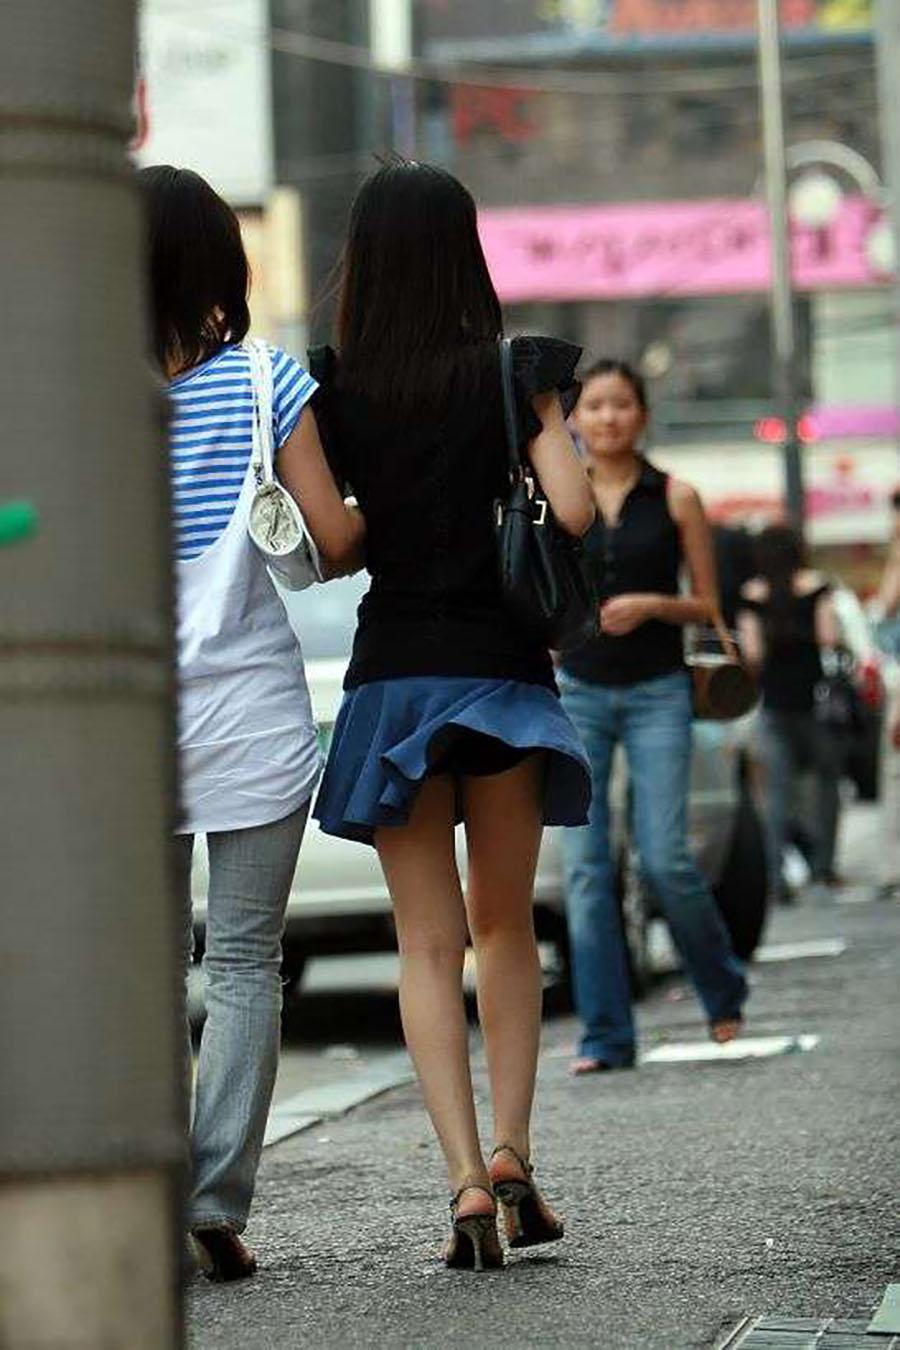 突風でスカート捲れてお姉さんの黒下着が見えた!